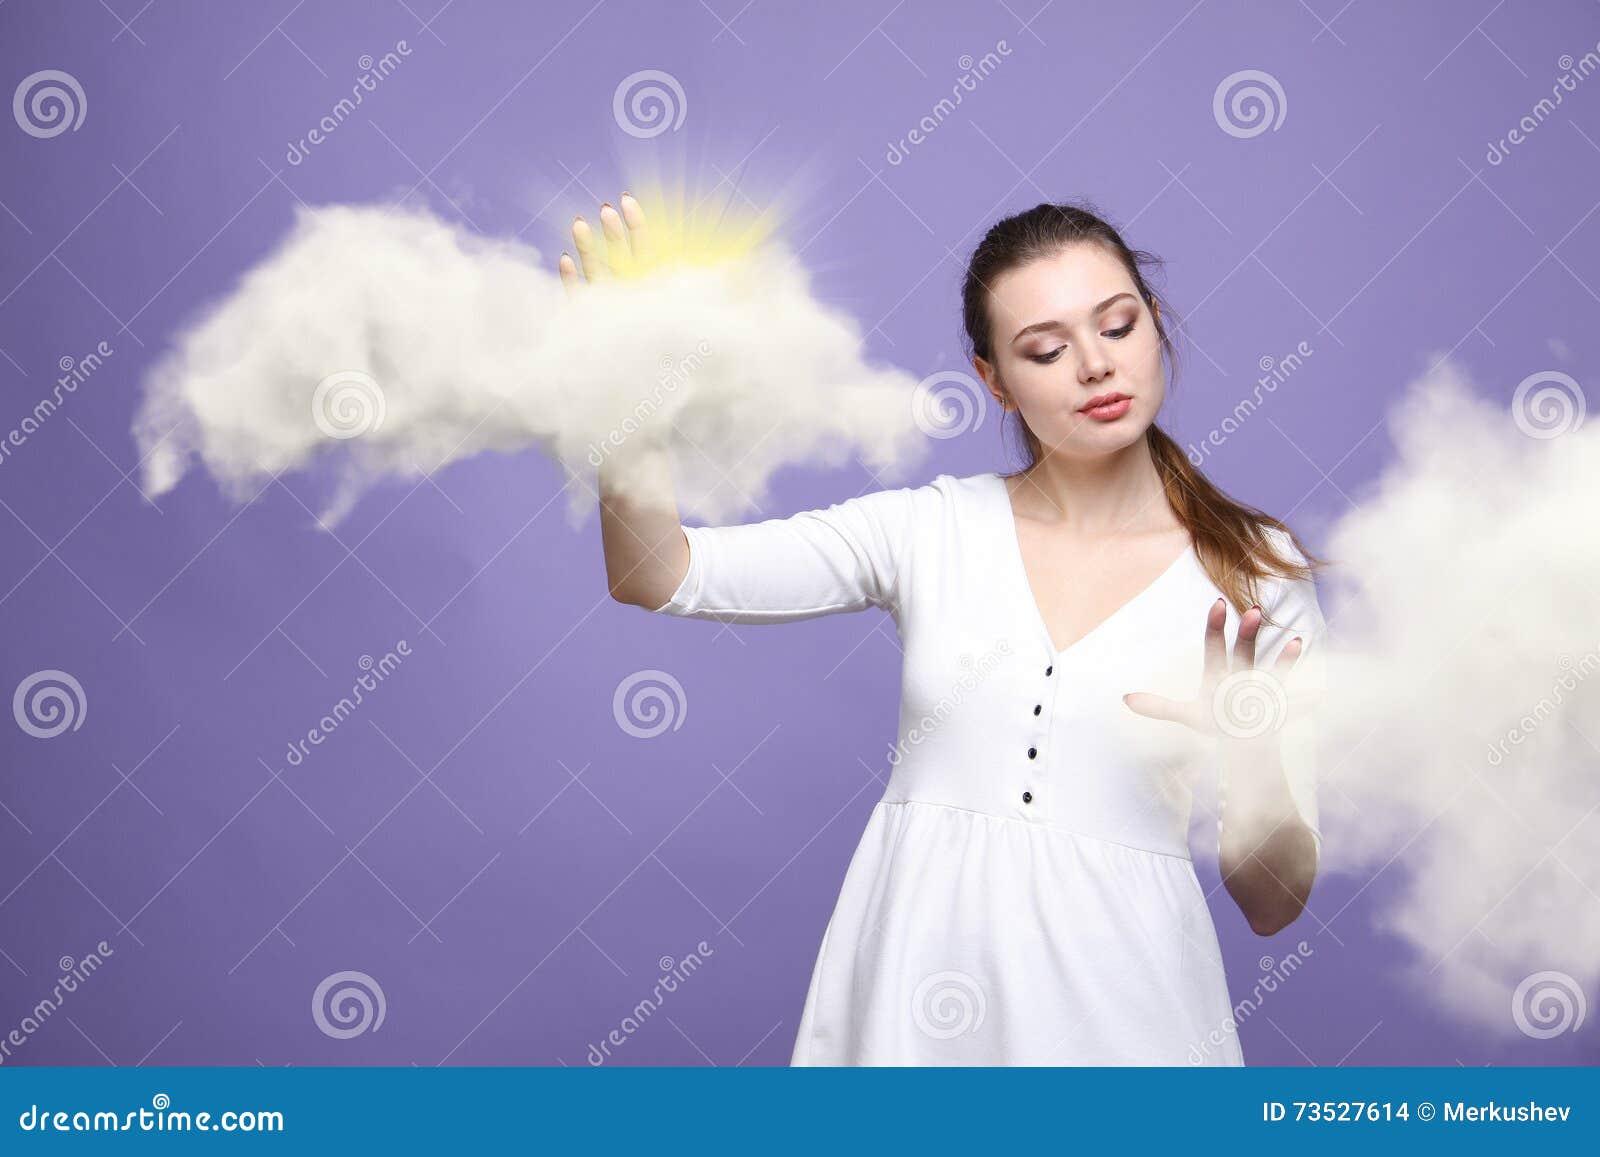 Ung kvinna och sol som ut bakifrån skiner molnen, molnberäkningen eller väderbegreppet